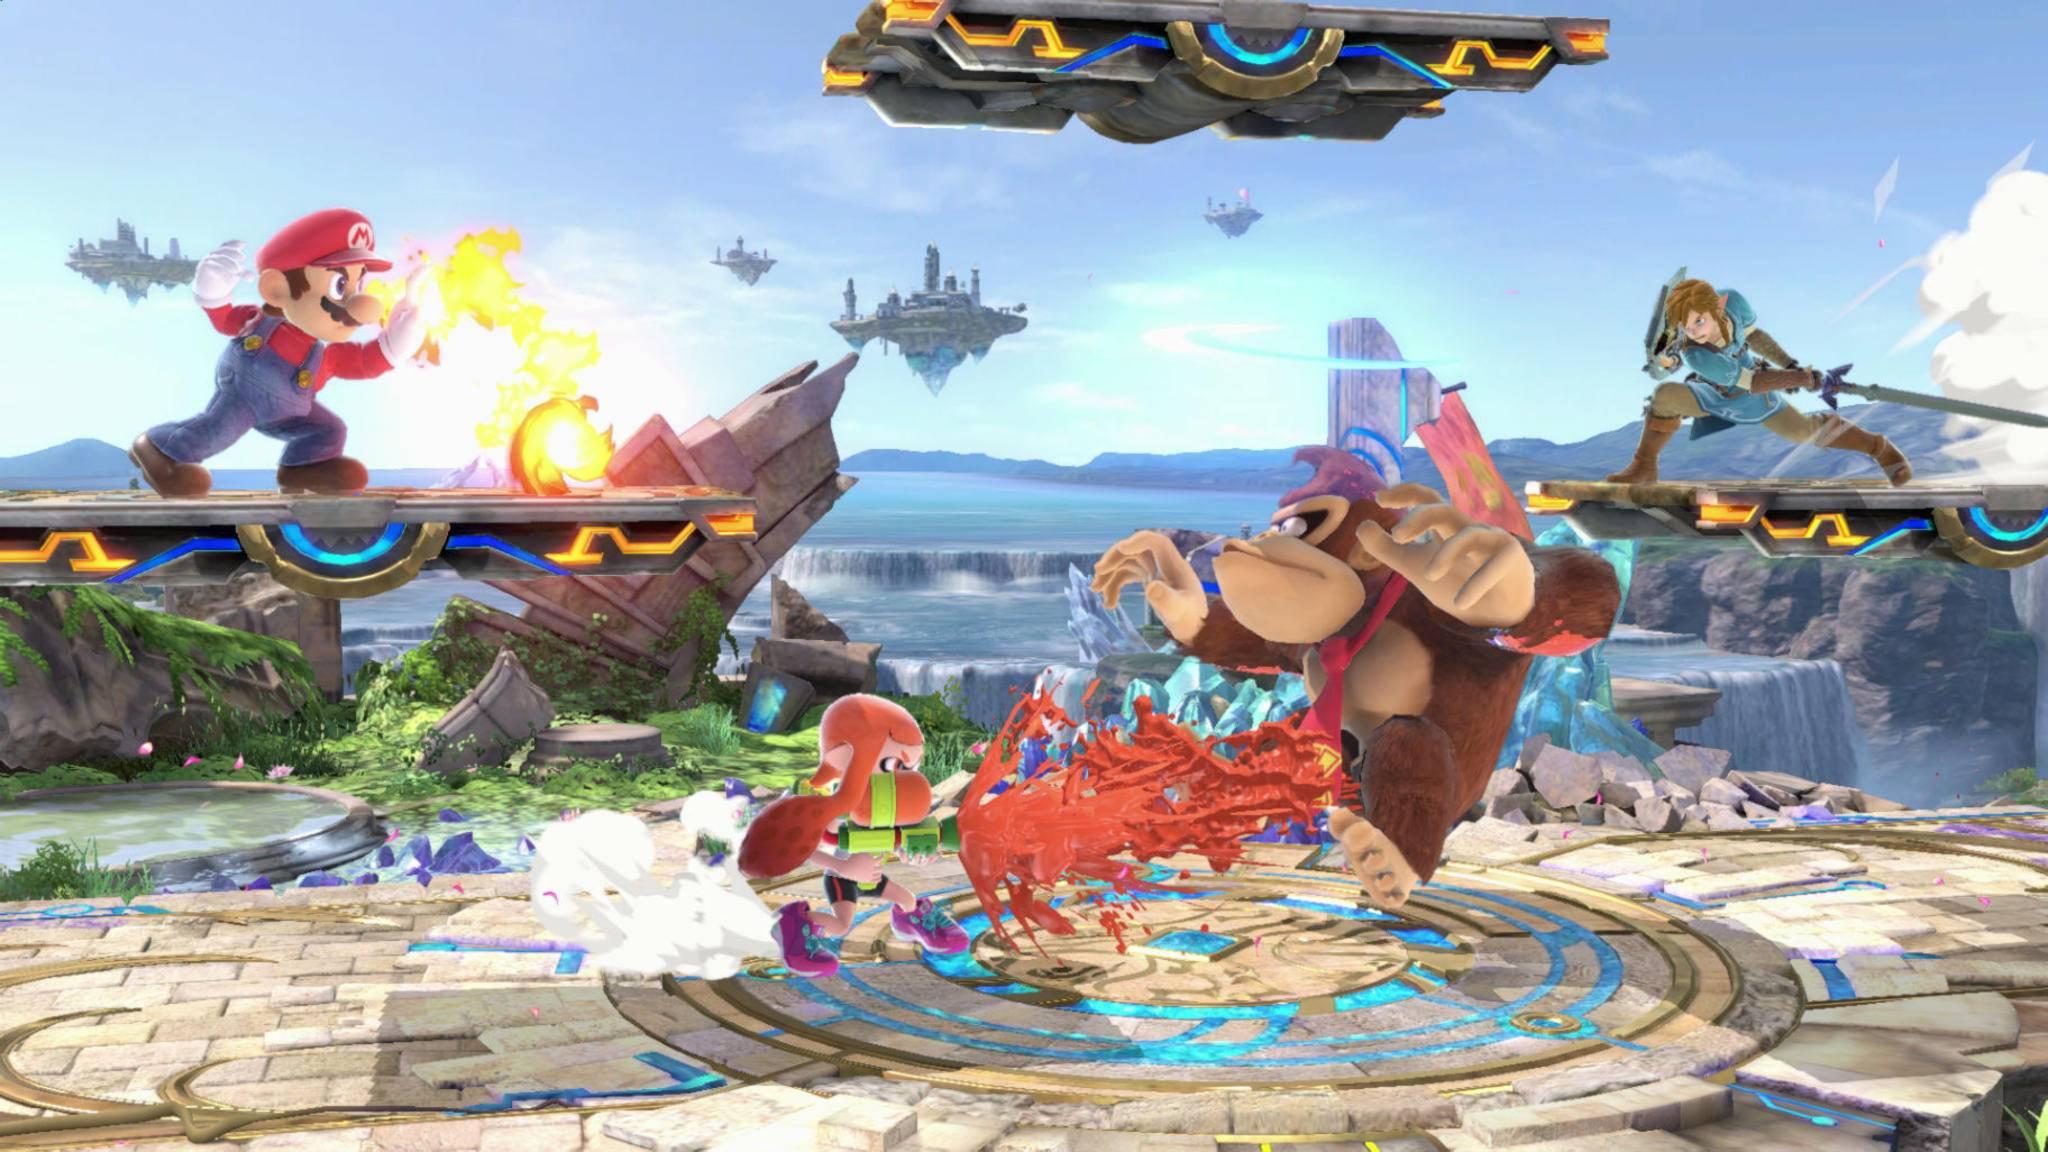 """Schon jetzt das meistvorbestellte Spiel für die Nintendo Switch überhaupt: """"Super Smash Bros Ultimate""""."""